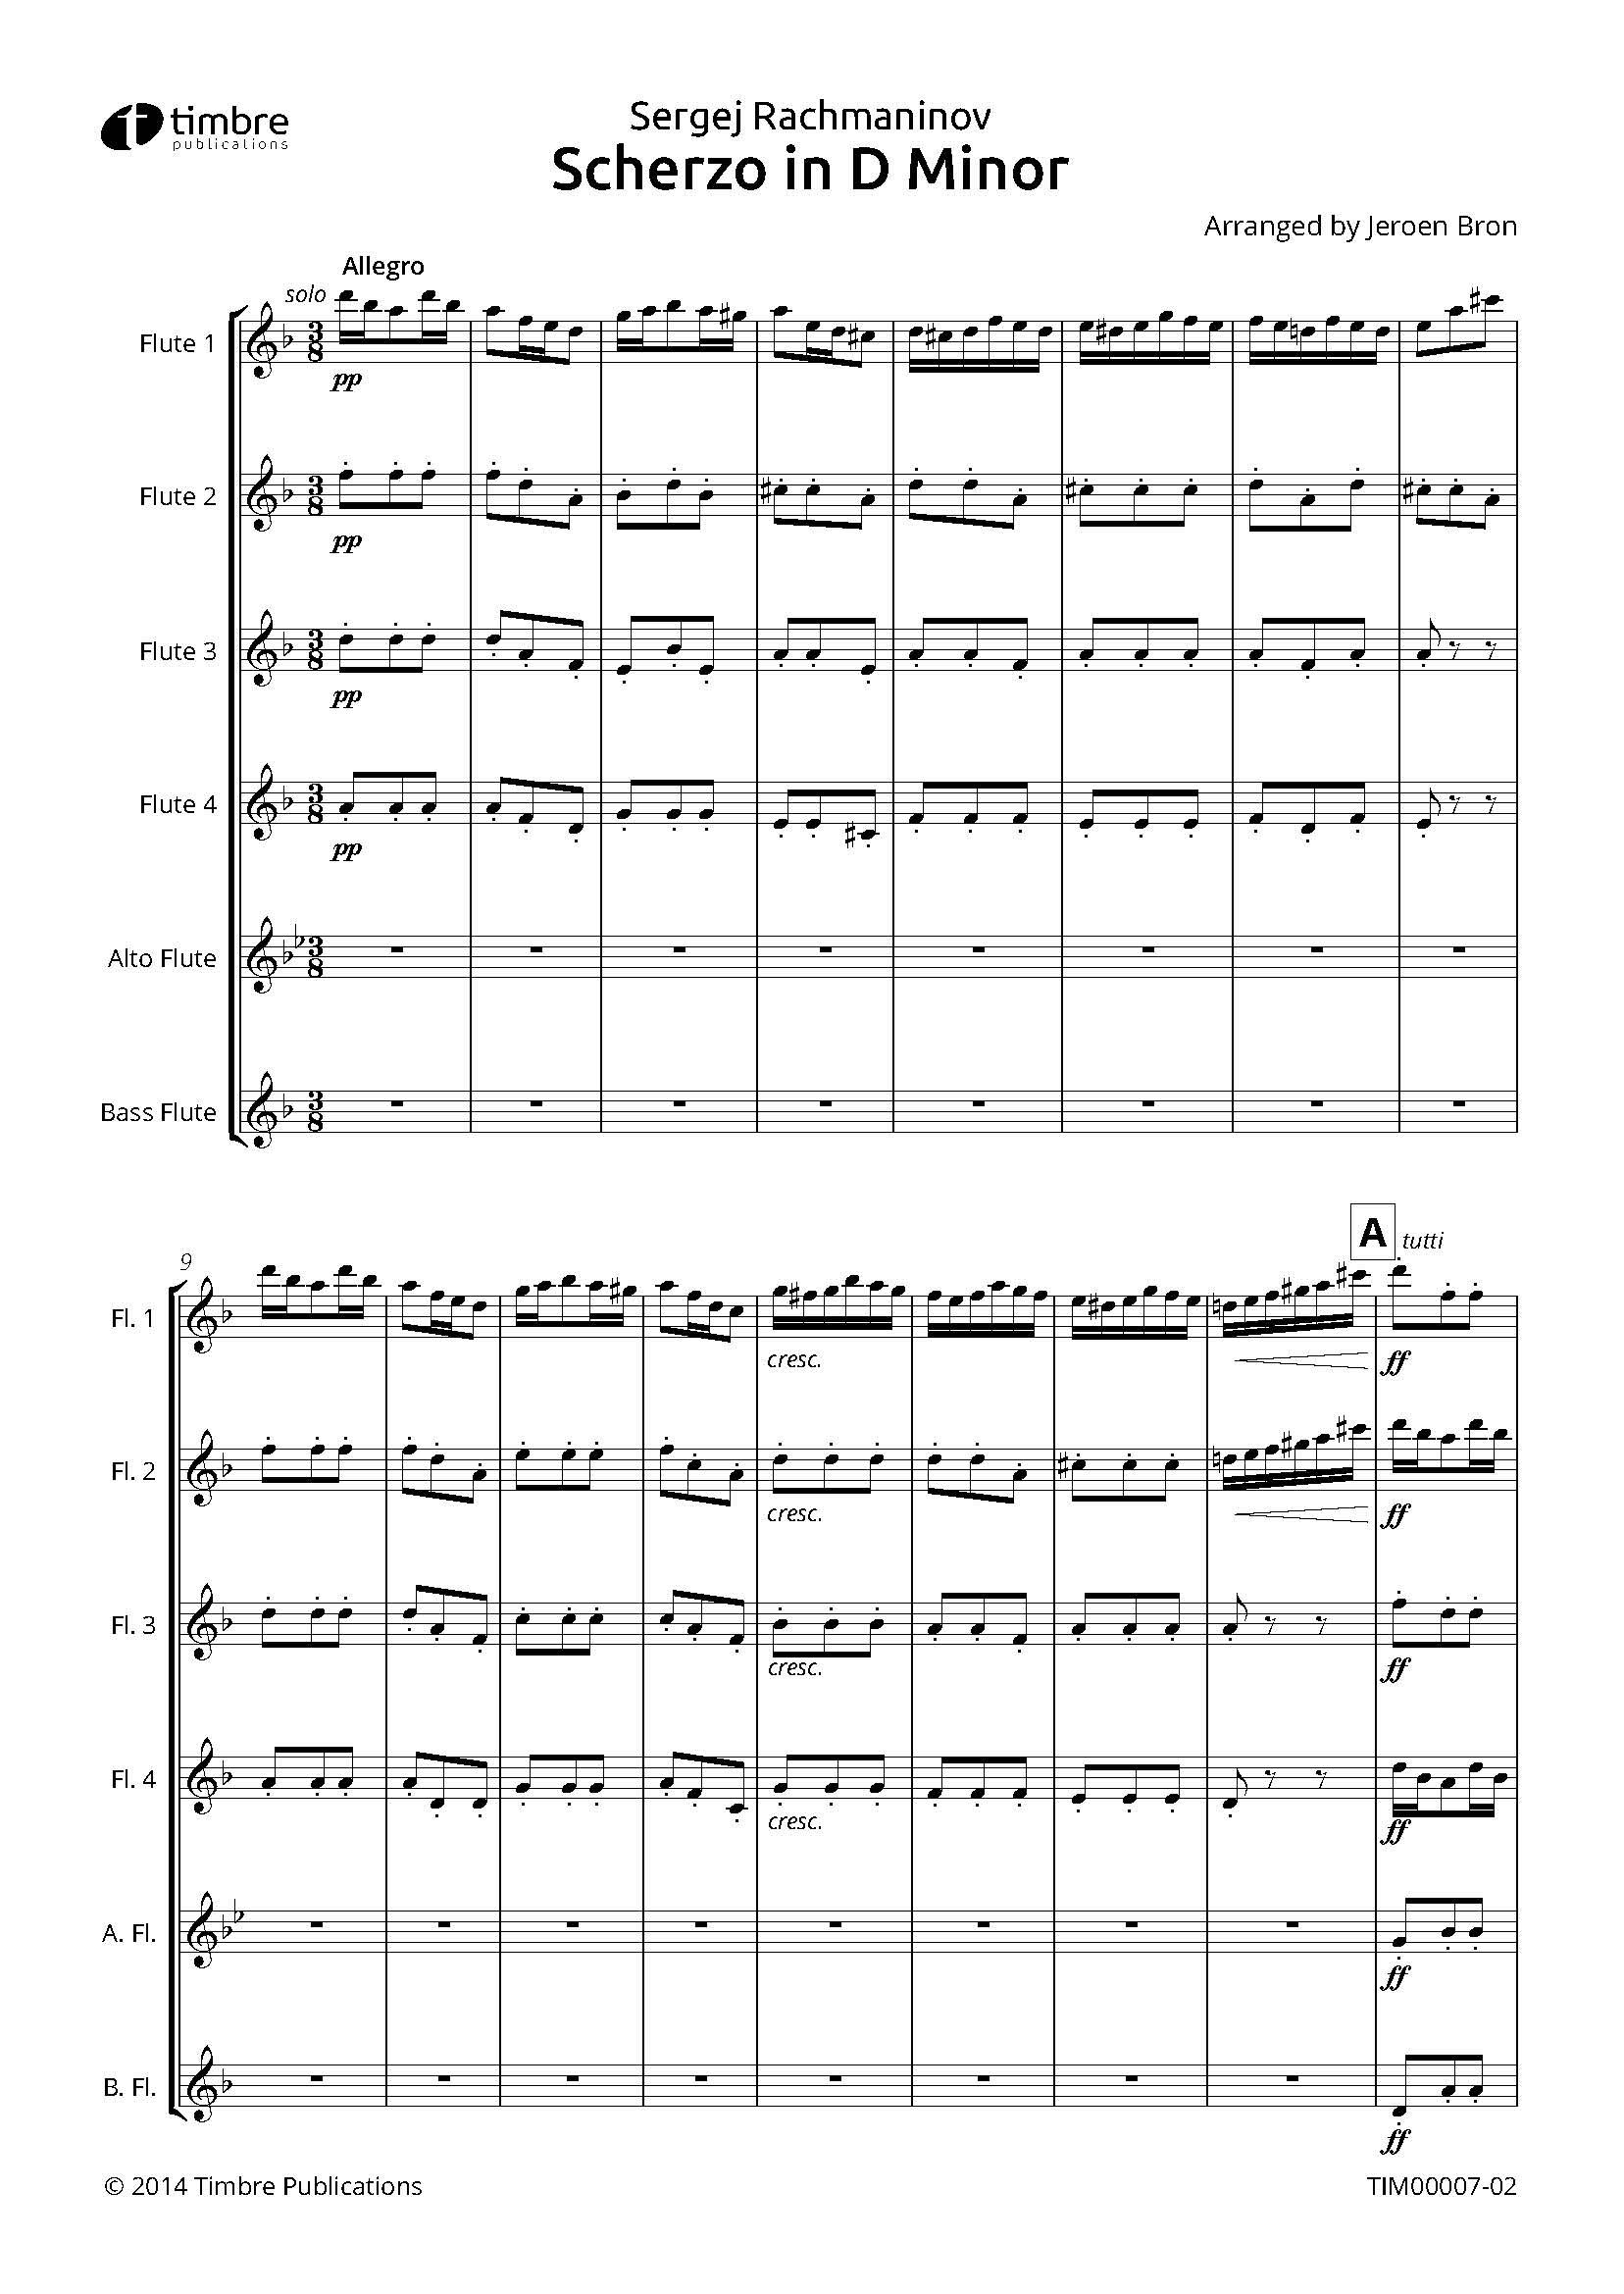 Scherzo in D Minor